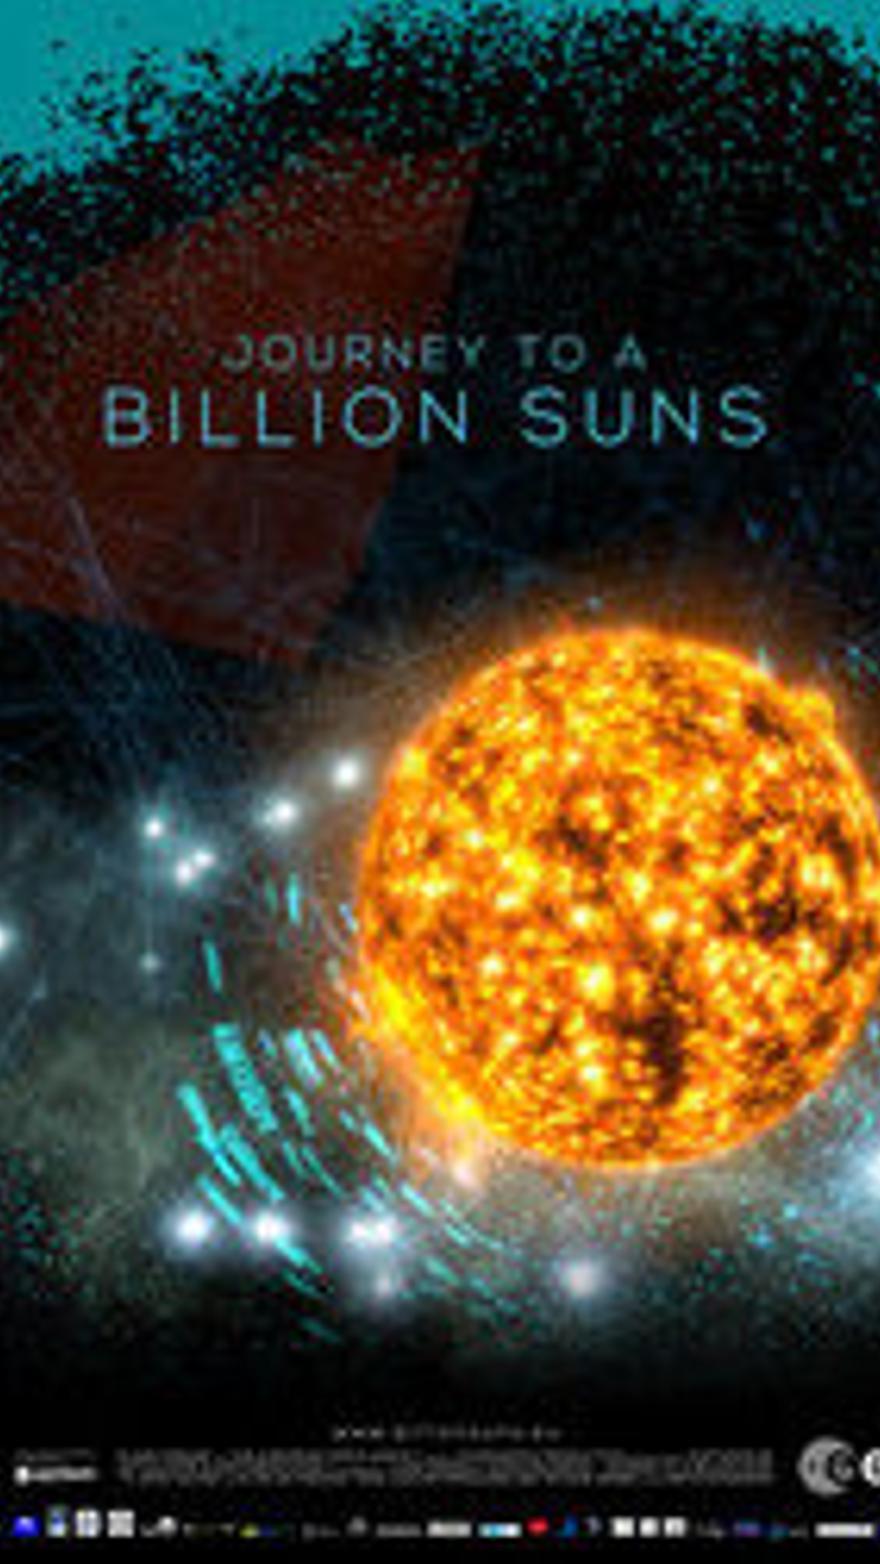 Mil millones de soles. Camino a las estrellas